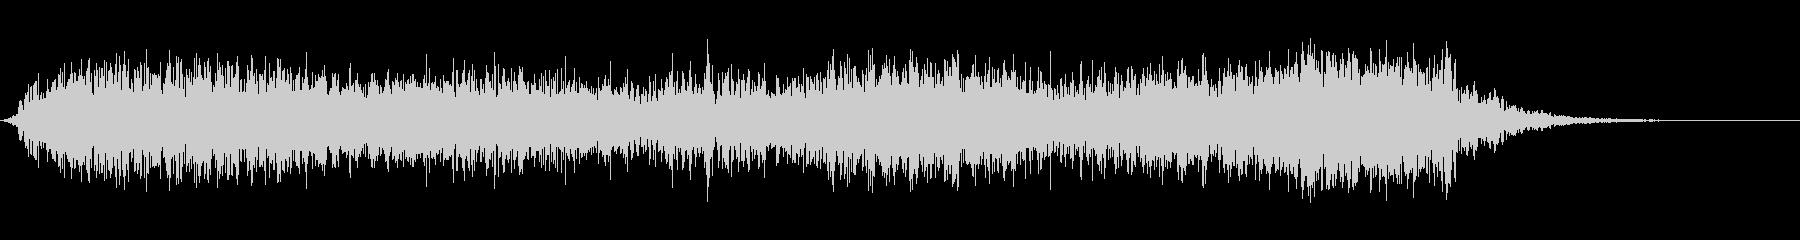 回転する高速フーシュ2の未再生の波形